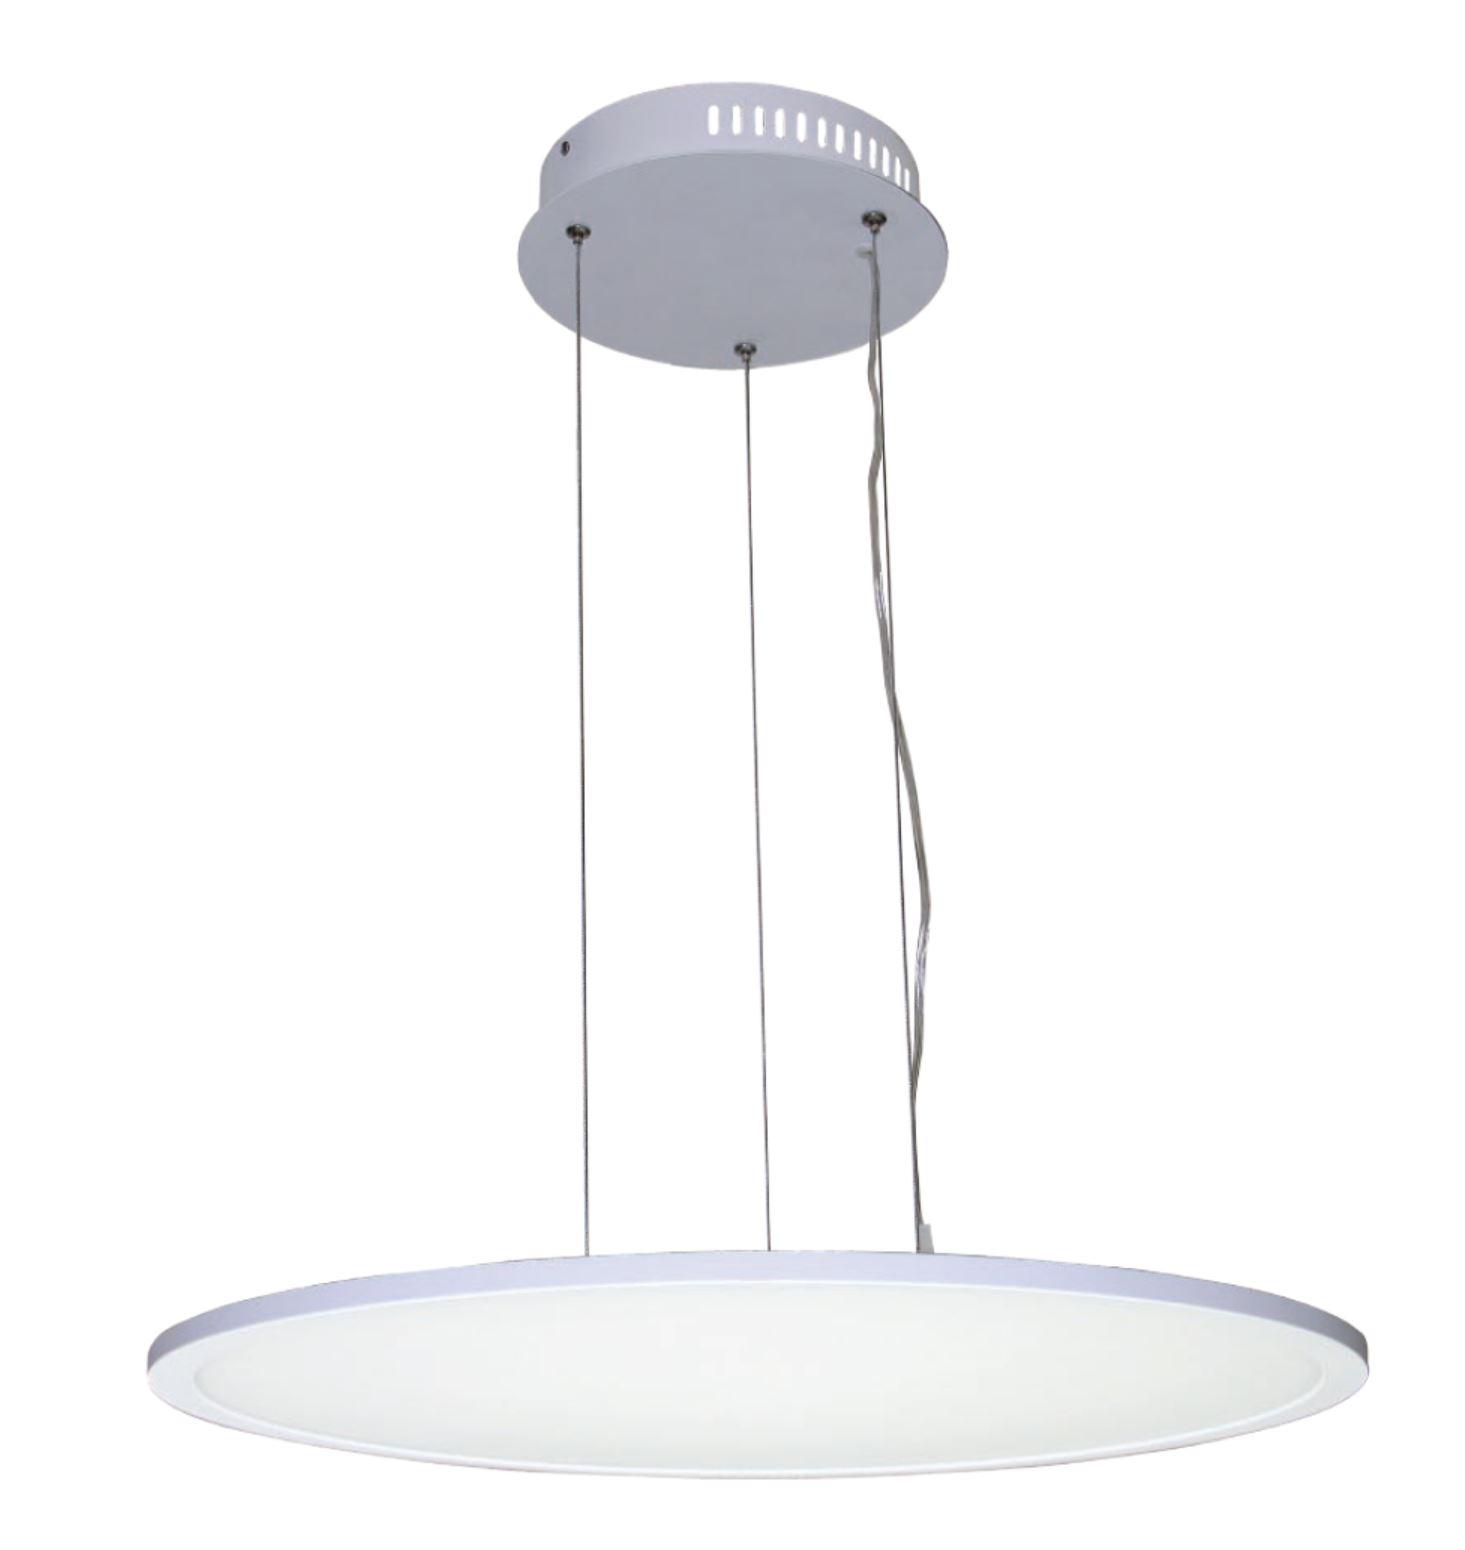 Mero Round LED Pendelleuchte